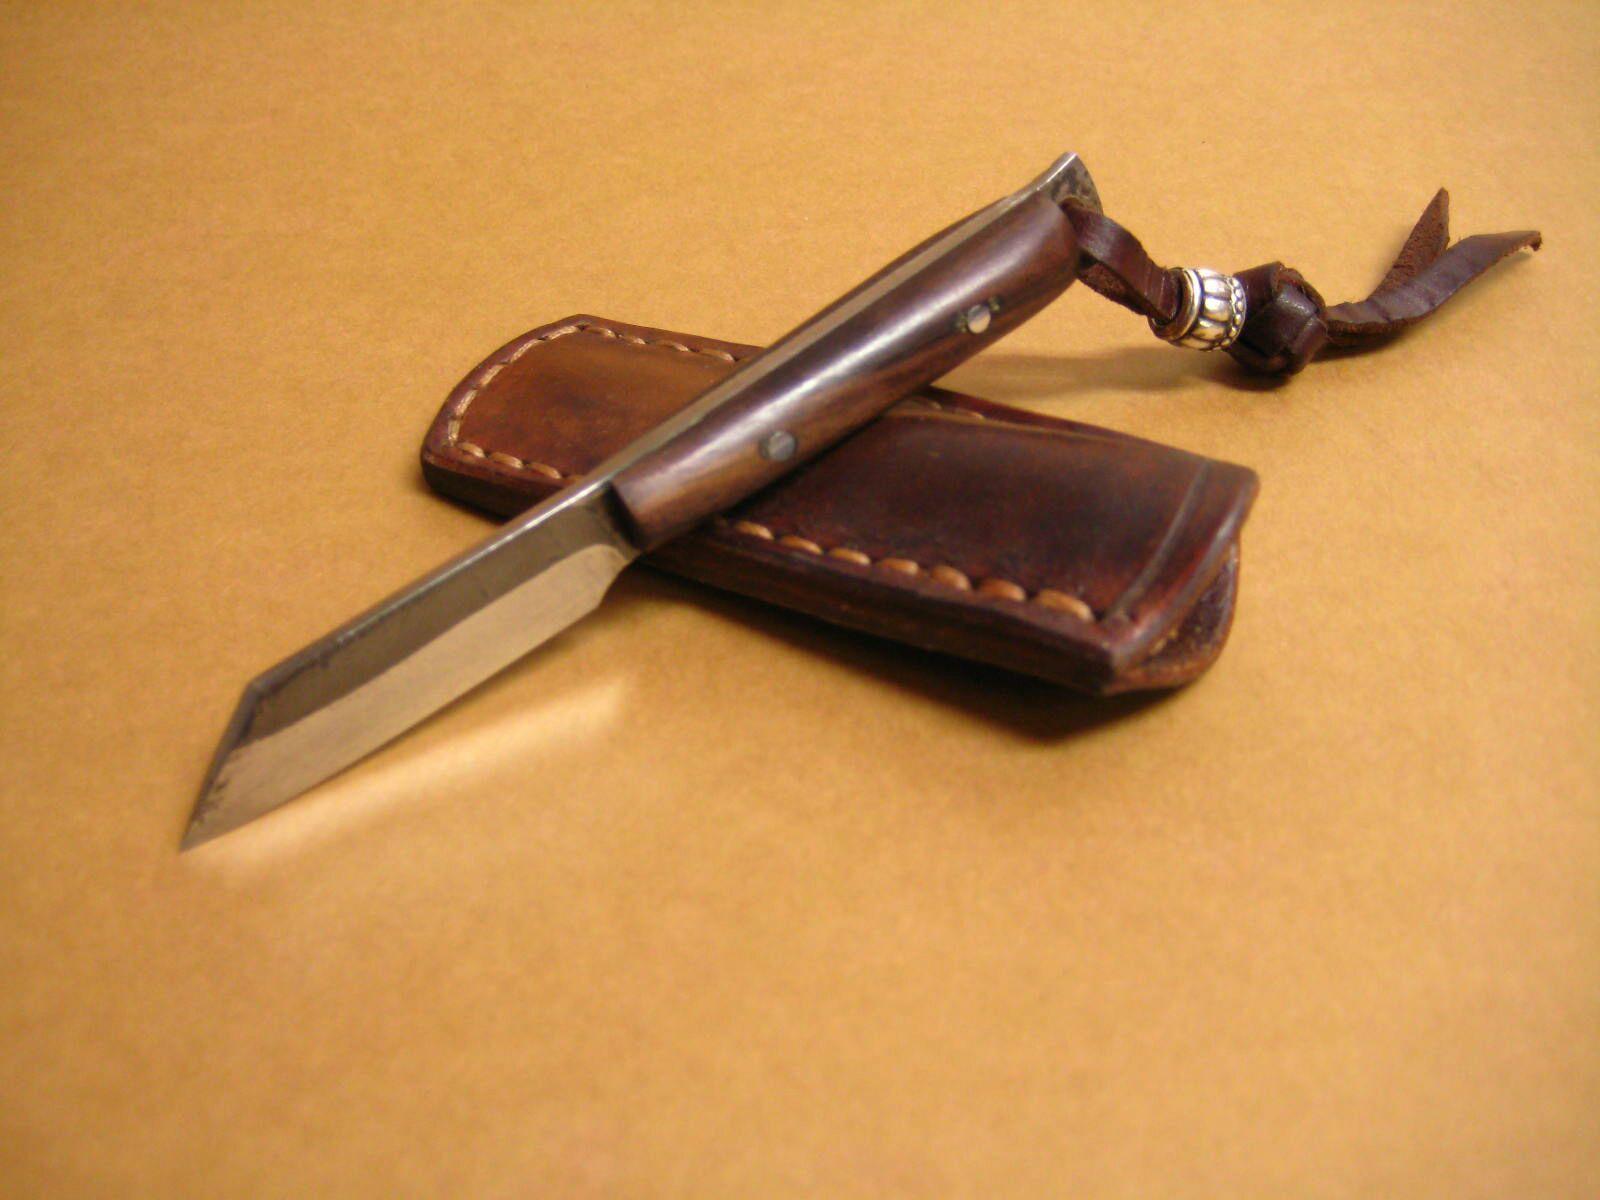 Mini cuchillo de estilo japonés